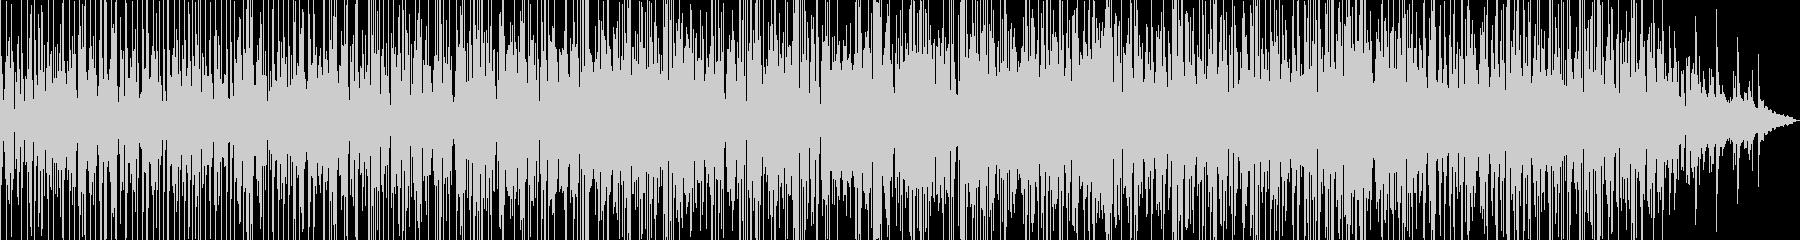 Rhodesによるジャズファンクの未再生の波形